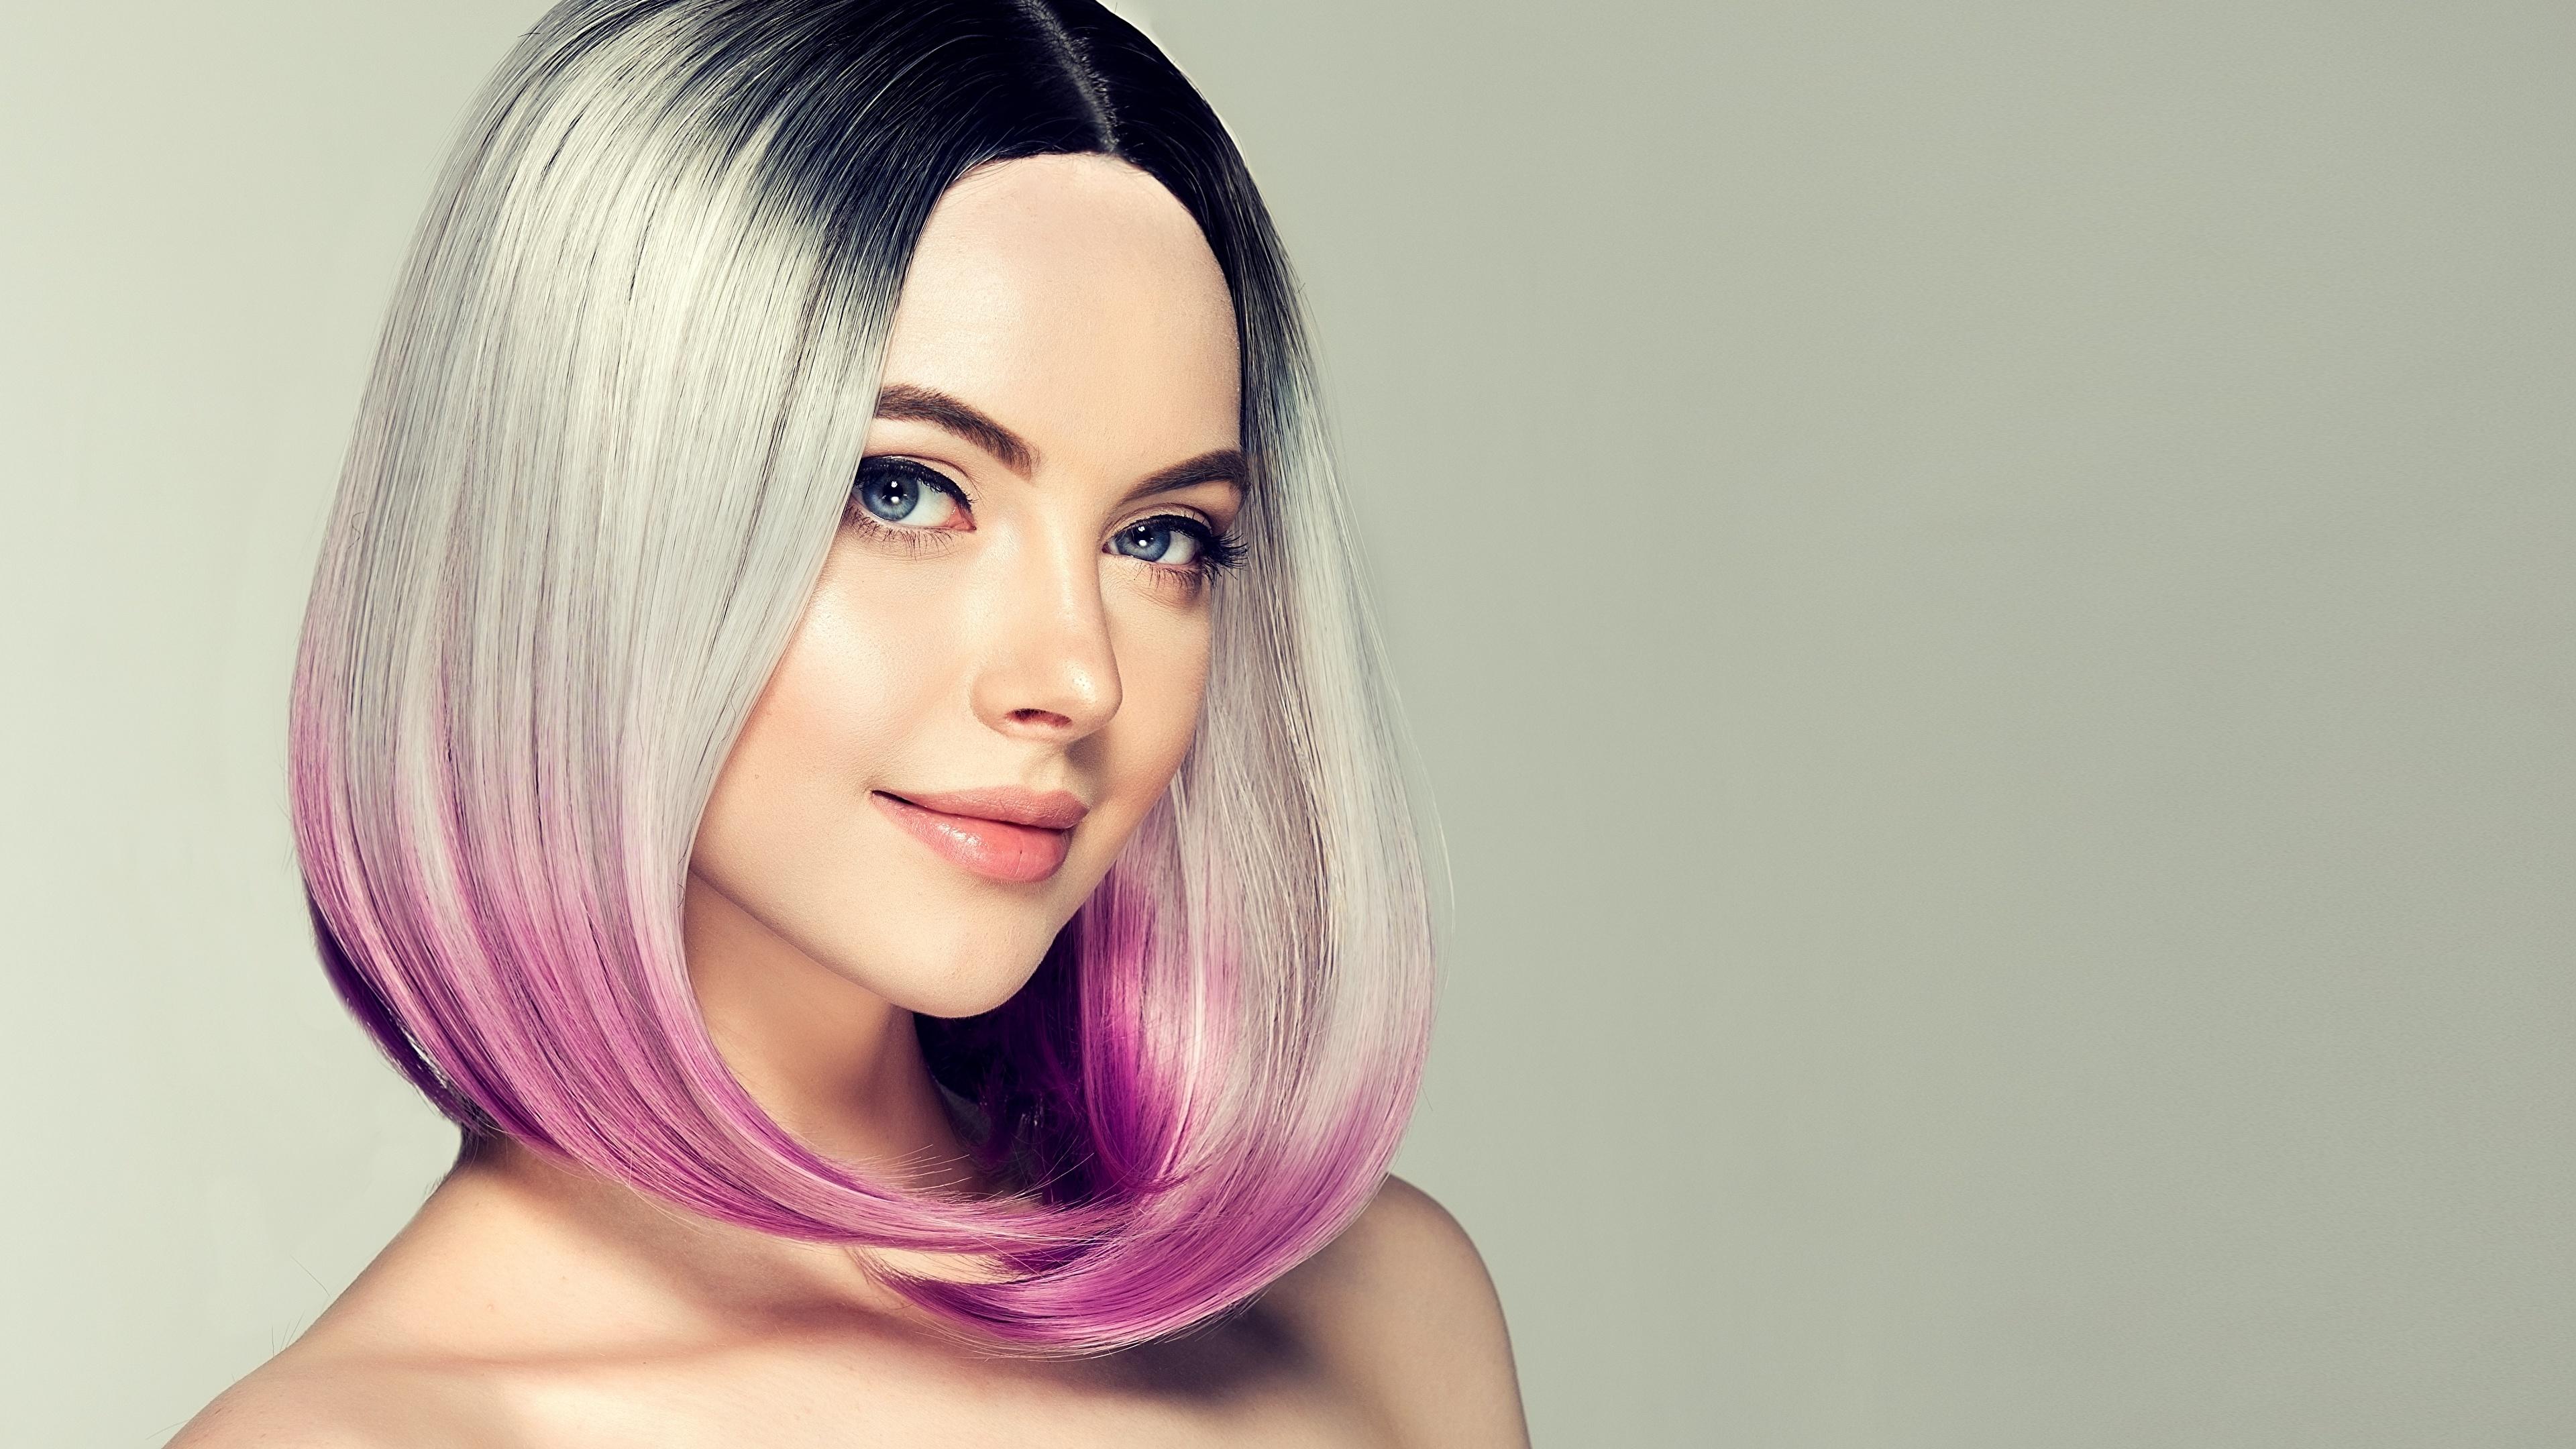 Desktop Wallpapers Girls Blonde Girl Makeup Hair Face 3840x2160